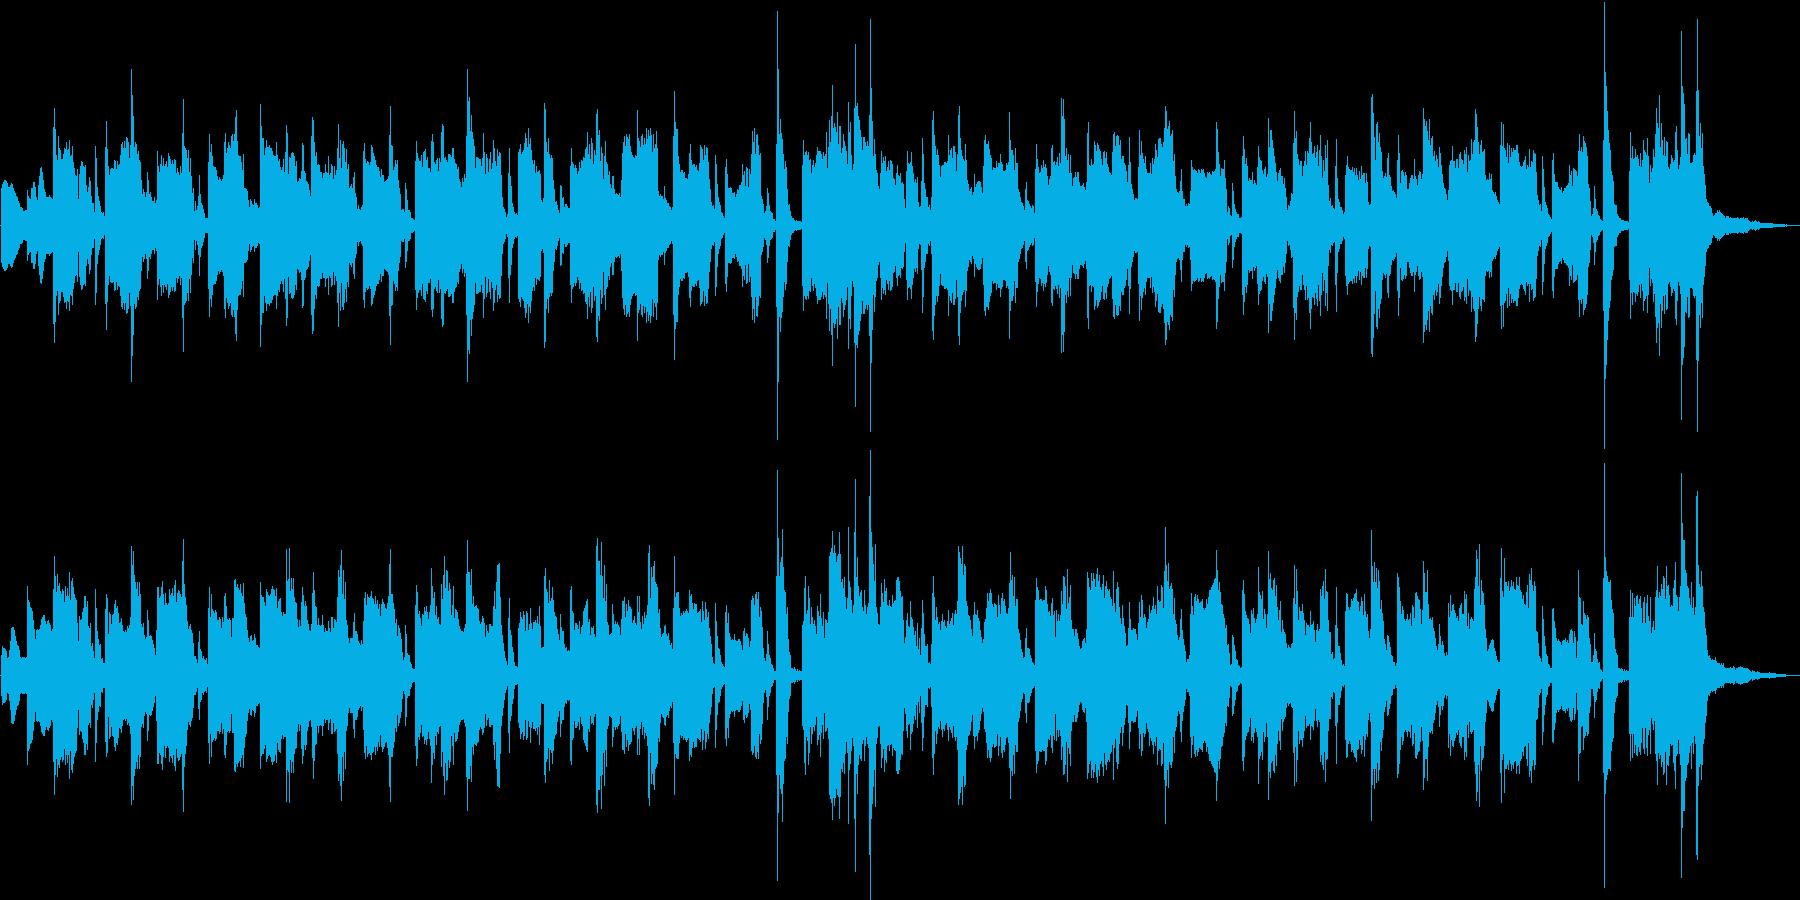 ロシア民謡風の可愛いコサックジングルの再生済みの波形